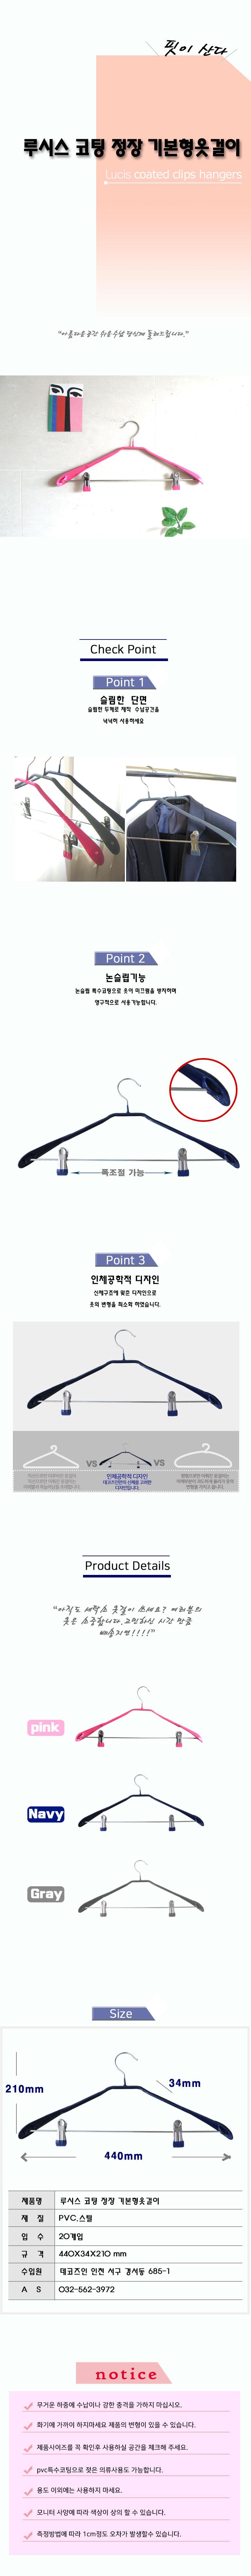 루시스 코팅 정장 기본형 옷걸이 10p세트 - 데코, 34,500원, 행거/드레스룸/옷걸이, 옷걸이/플라스틱